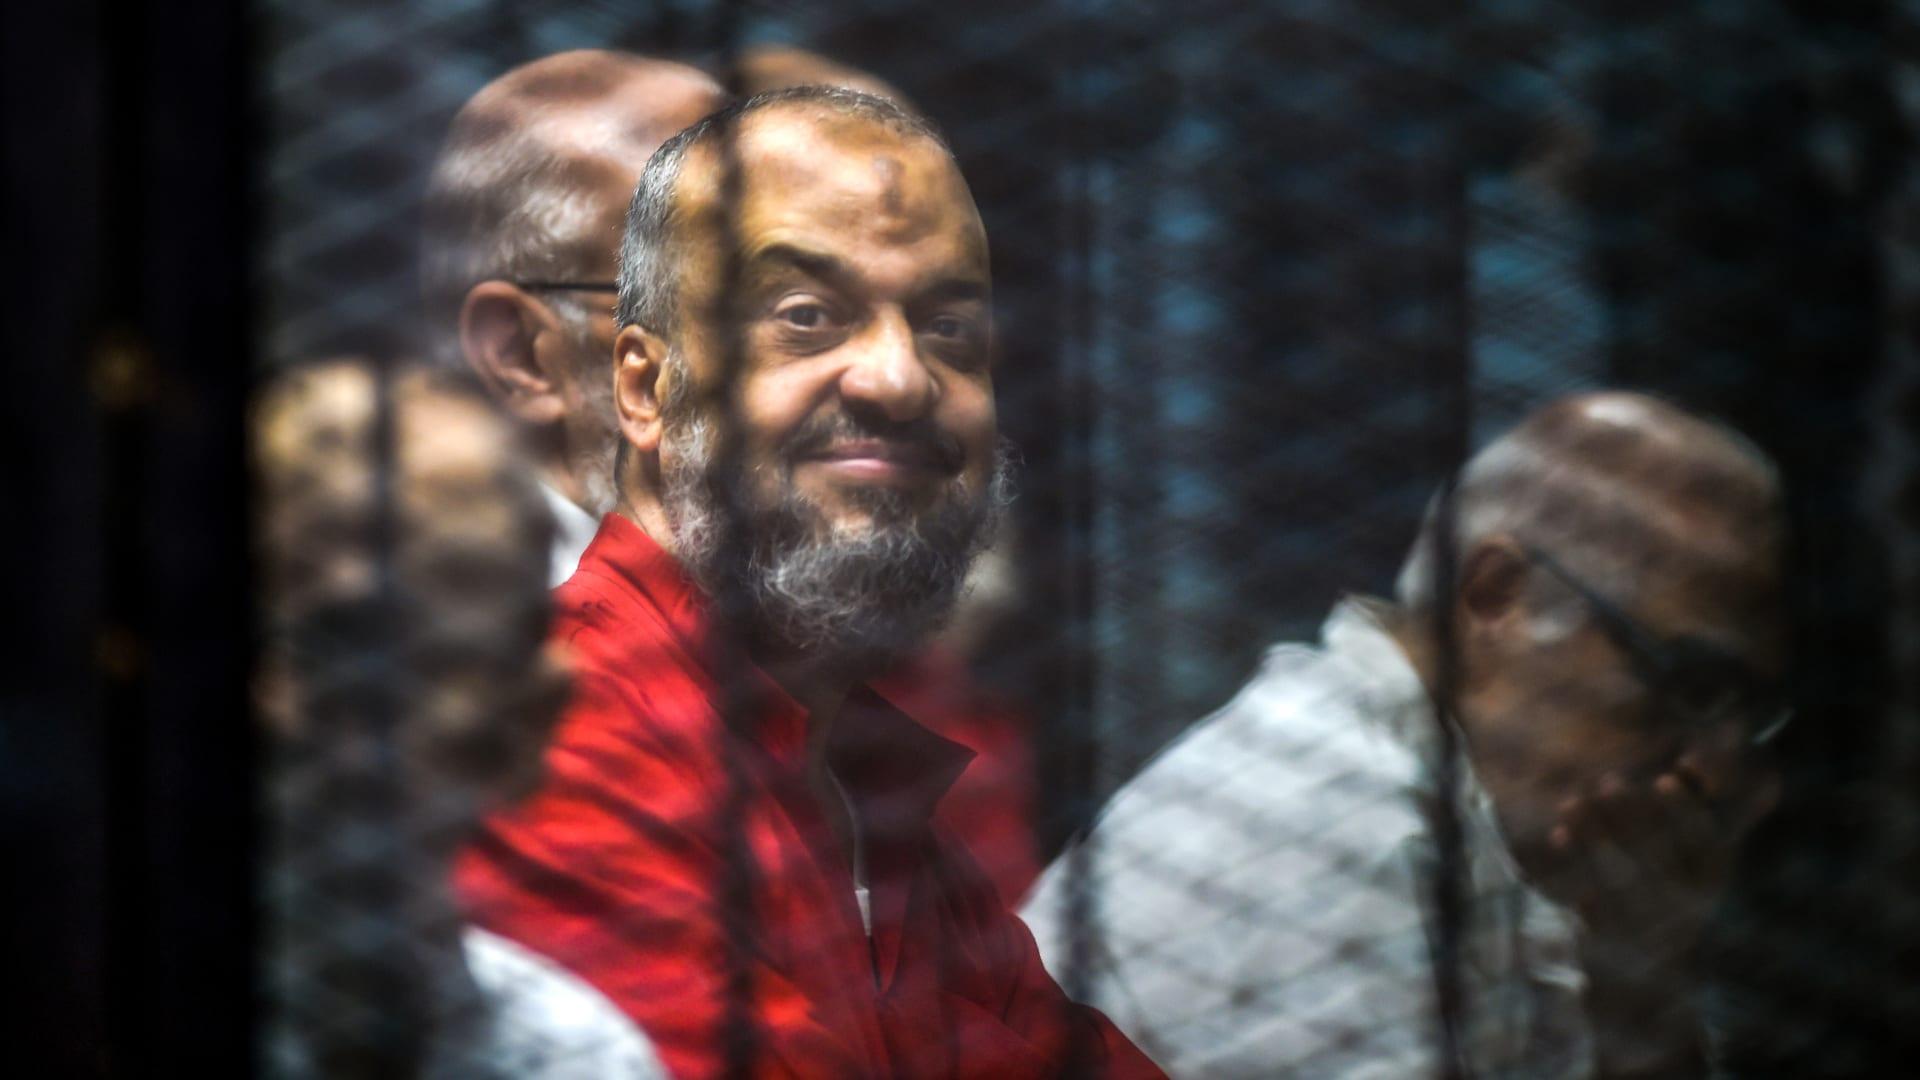 """جماعة الإخوان تطالب بوقف تنفيذ أحكام """"فض رابعة"""": انتقامية وخالية من العدالة"""